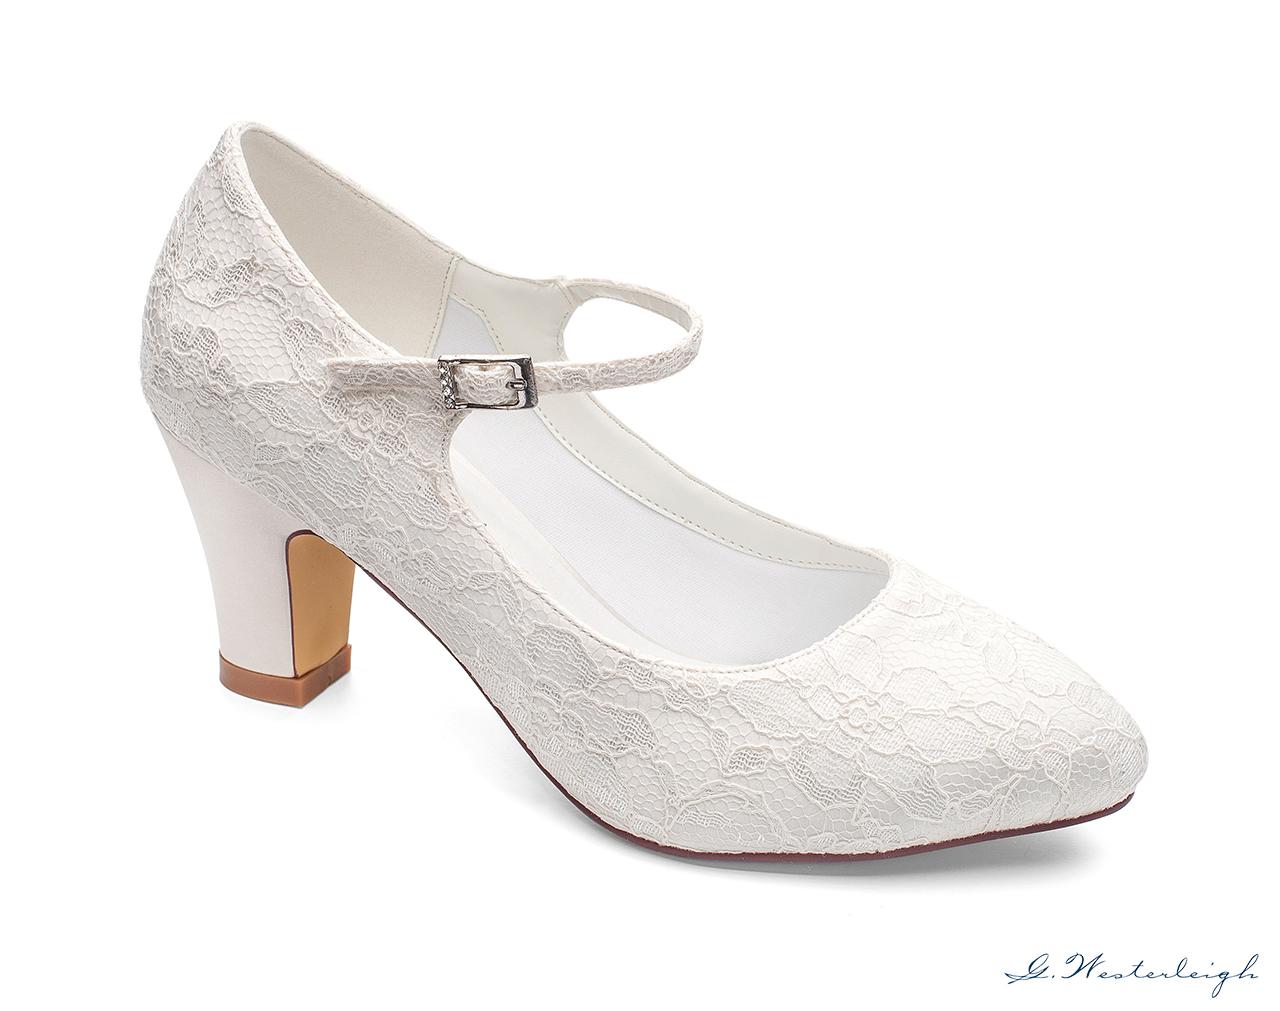 00c95fdac88 Agnes Bridal shoe- gwesterleigh.com